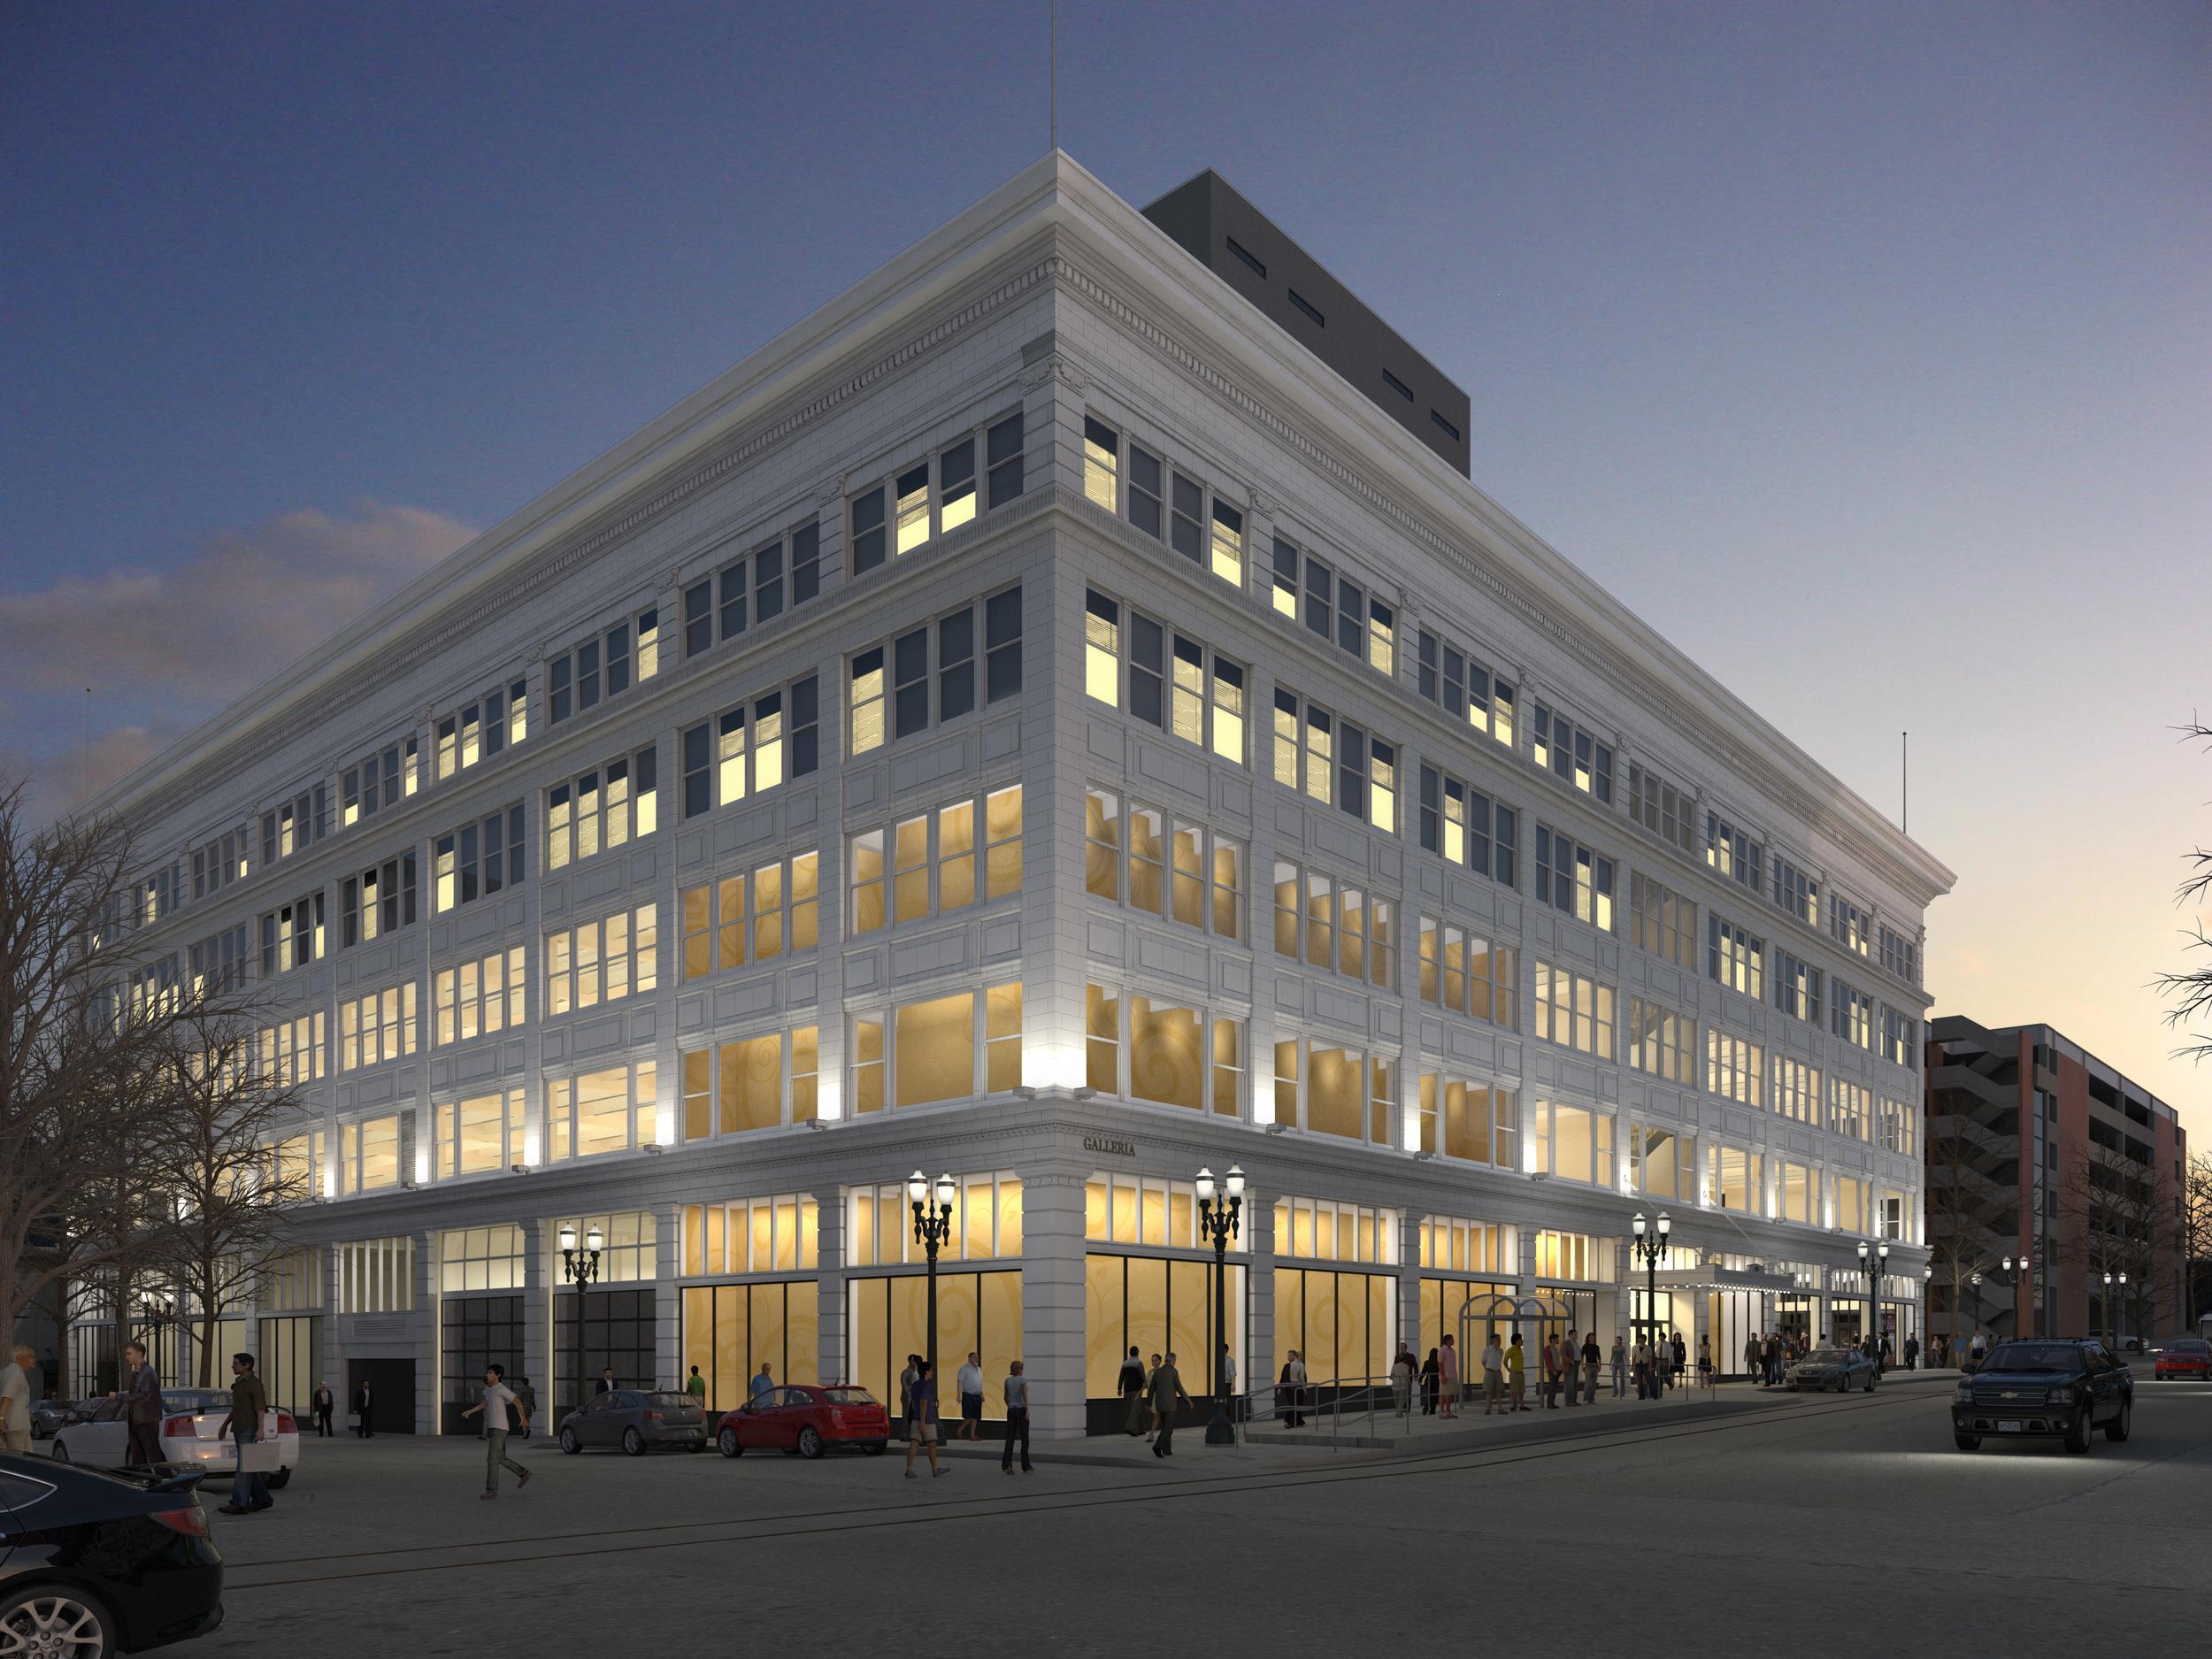 Galleria Retail Development